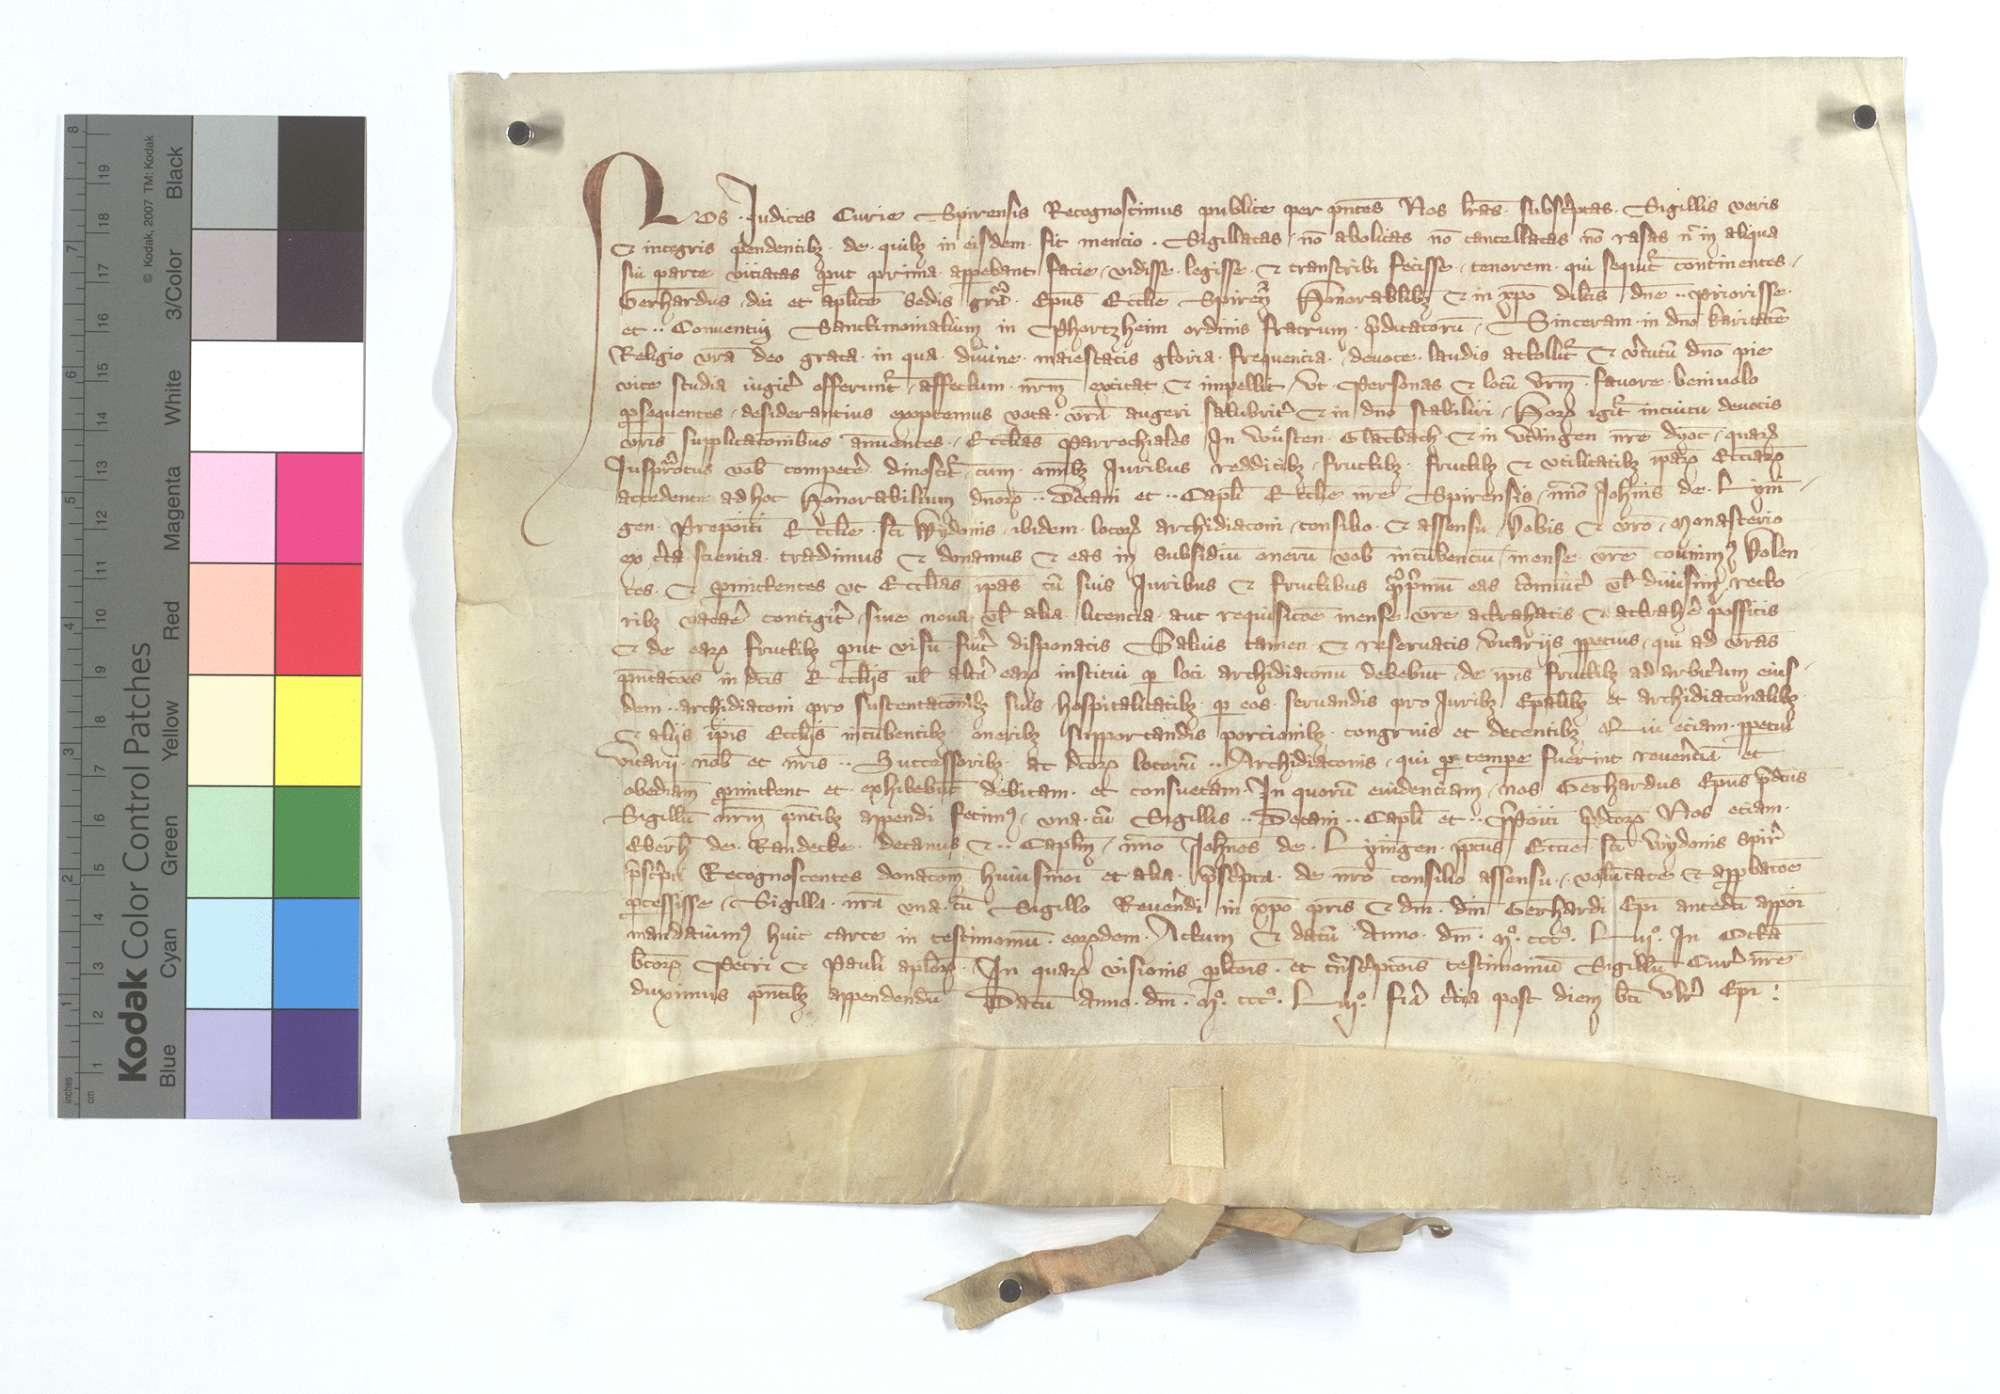 Bischof Gerhard von Speyer schenkt dem Frauenkloster in Pforzheim die Kirche in Wüstenglattbach und Eutingen., Text